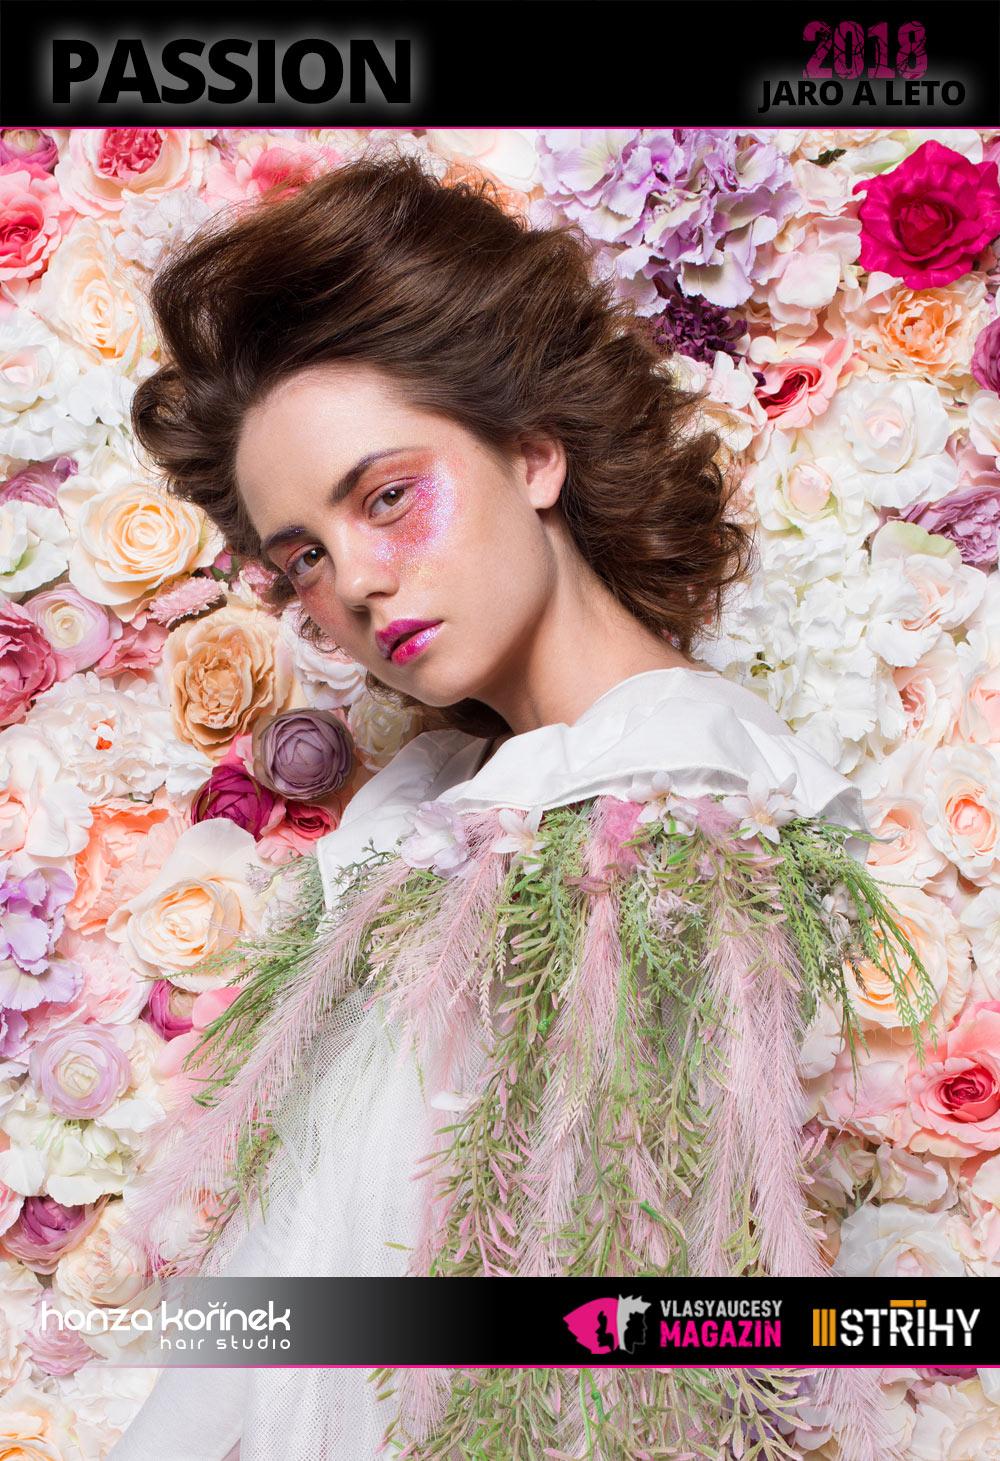 """Honza Kořínek: Passion (S/S 2018): Miluji čerstvé, krásné a voňavé květy. Jejich vůně, tvar a barevnost mne inspirují. Proto jsem se rozhodl je letos hodně zapojit i do své práce,"""" vysvětluje Honza Kořínek. Výčes s objemem sluší zejména při slavnostních příležitostech."""